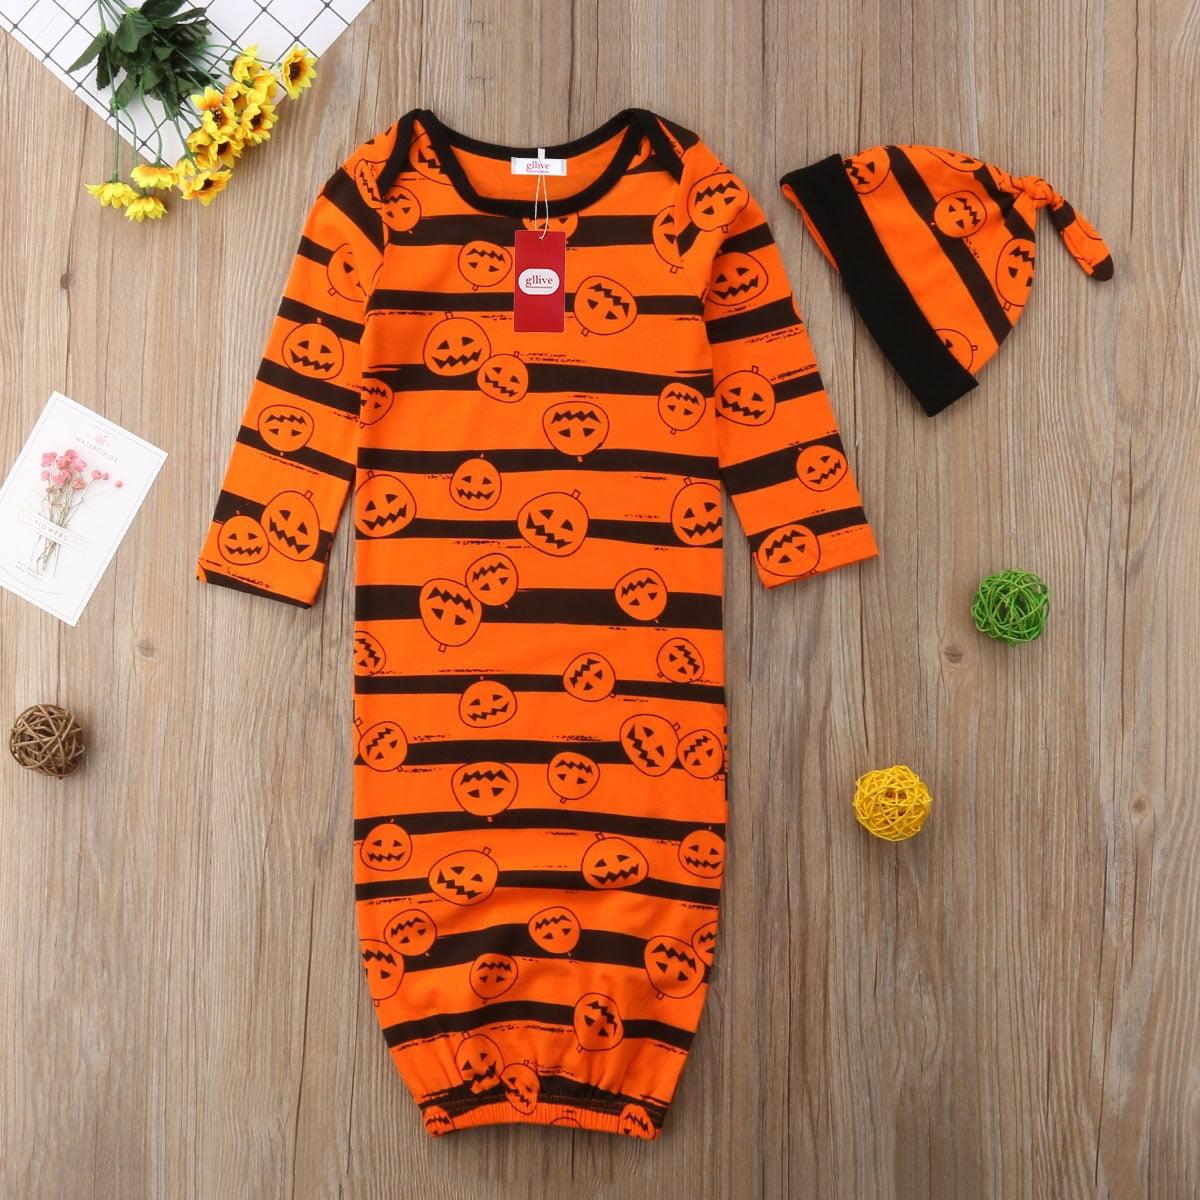 Infant Baby Boy Girl Halloween Long Sleeve Jumpsuit Pumpkin Printed Sleepwear Wrap Blanket Sleeping Bag